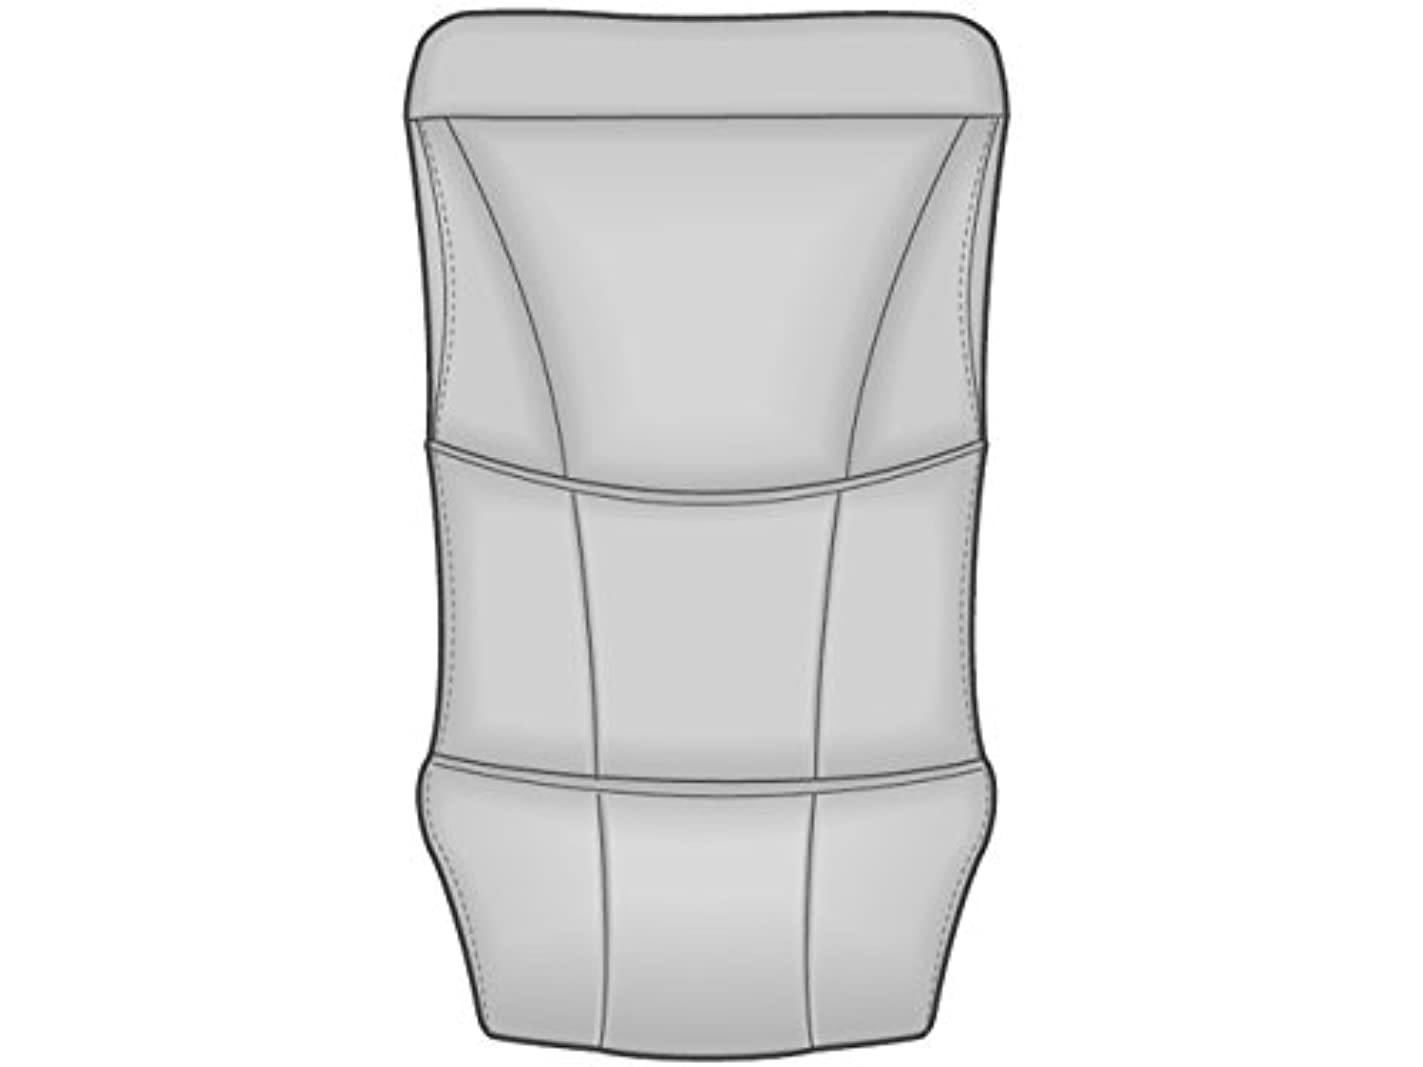 リベラル中国肘掛け椅子Panasonic くつろぎクッション(ブラック) EPMA43K3617N